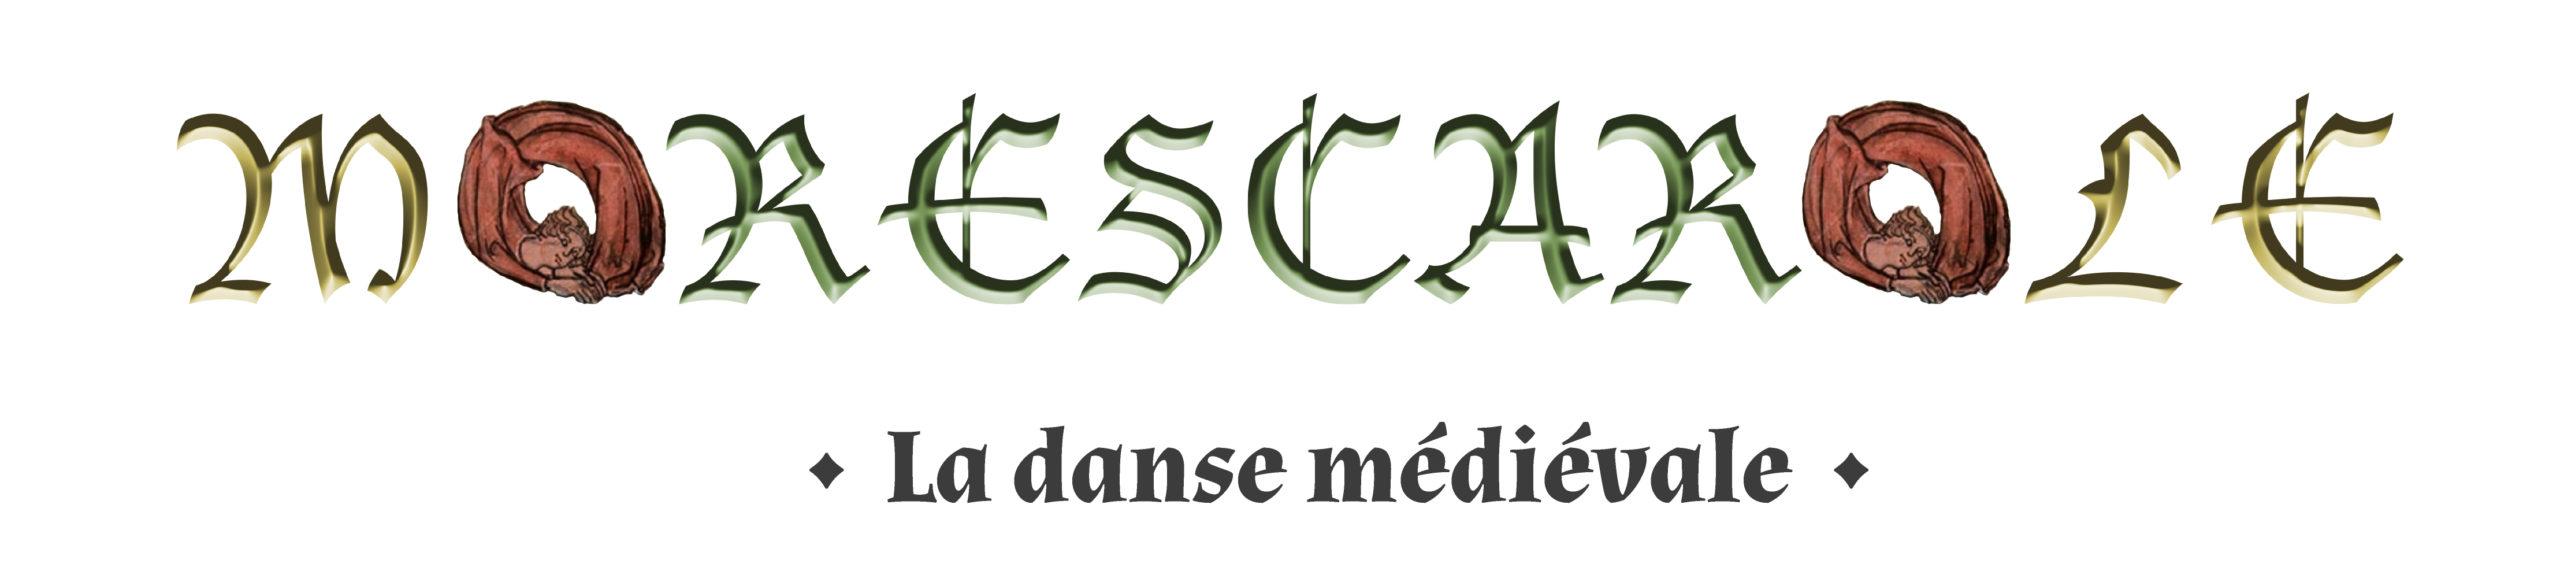 Morescarole, association danses médiévales